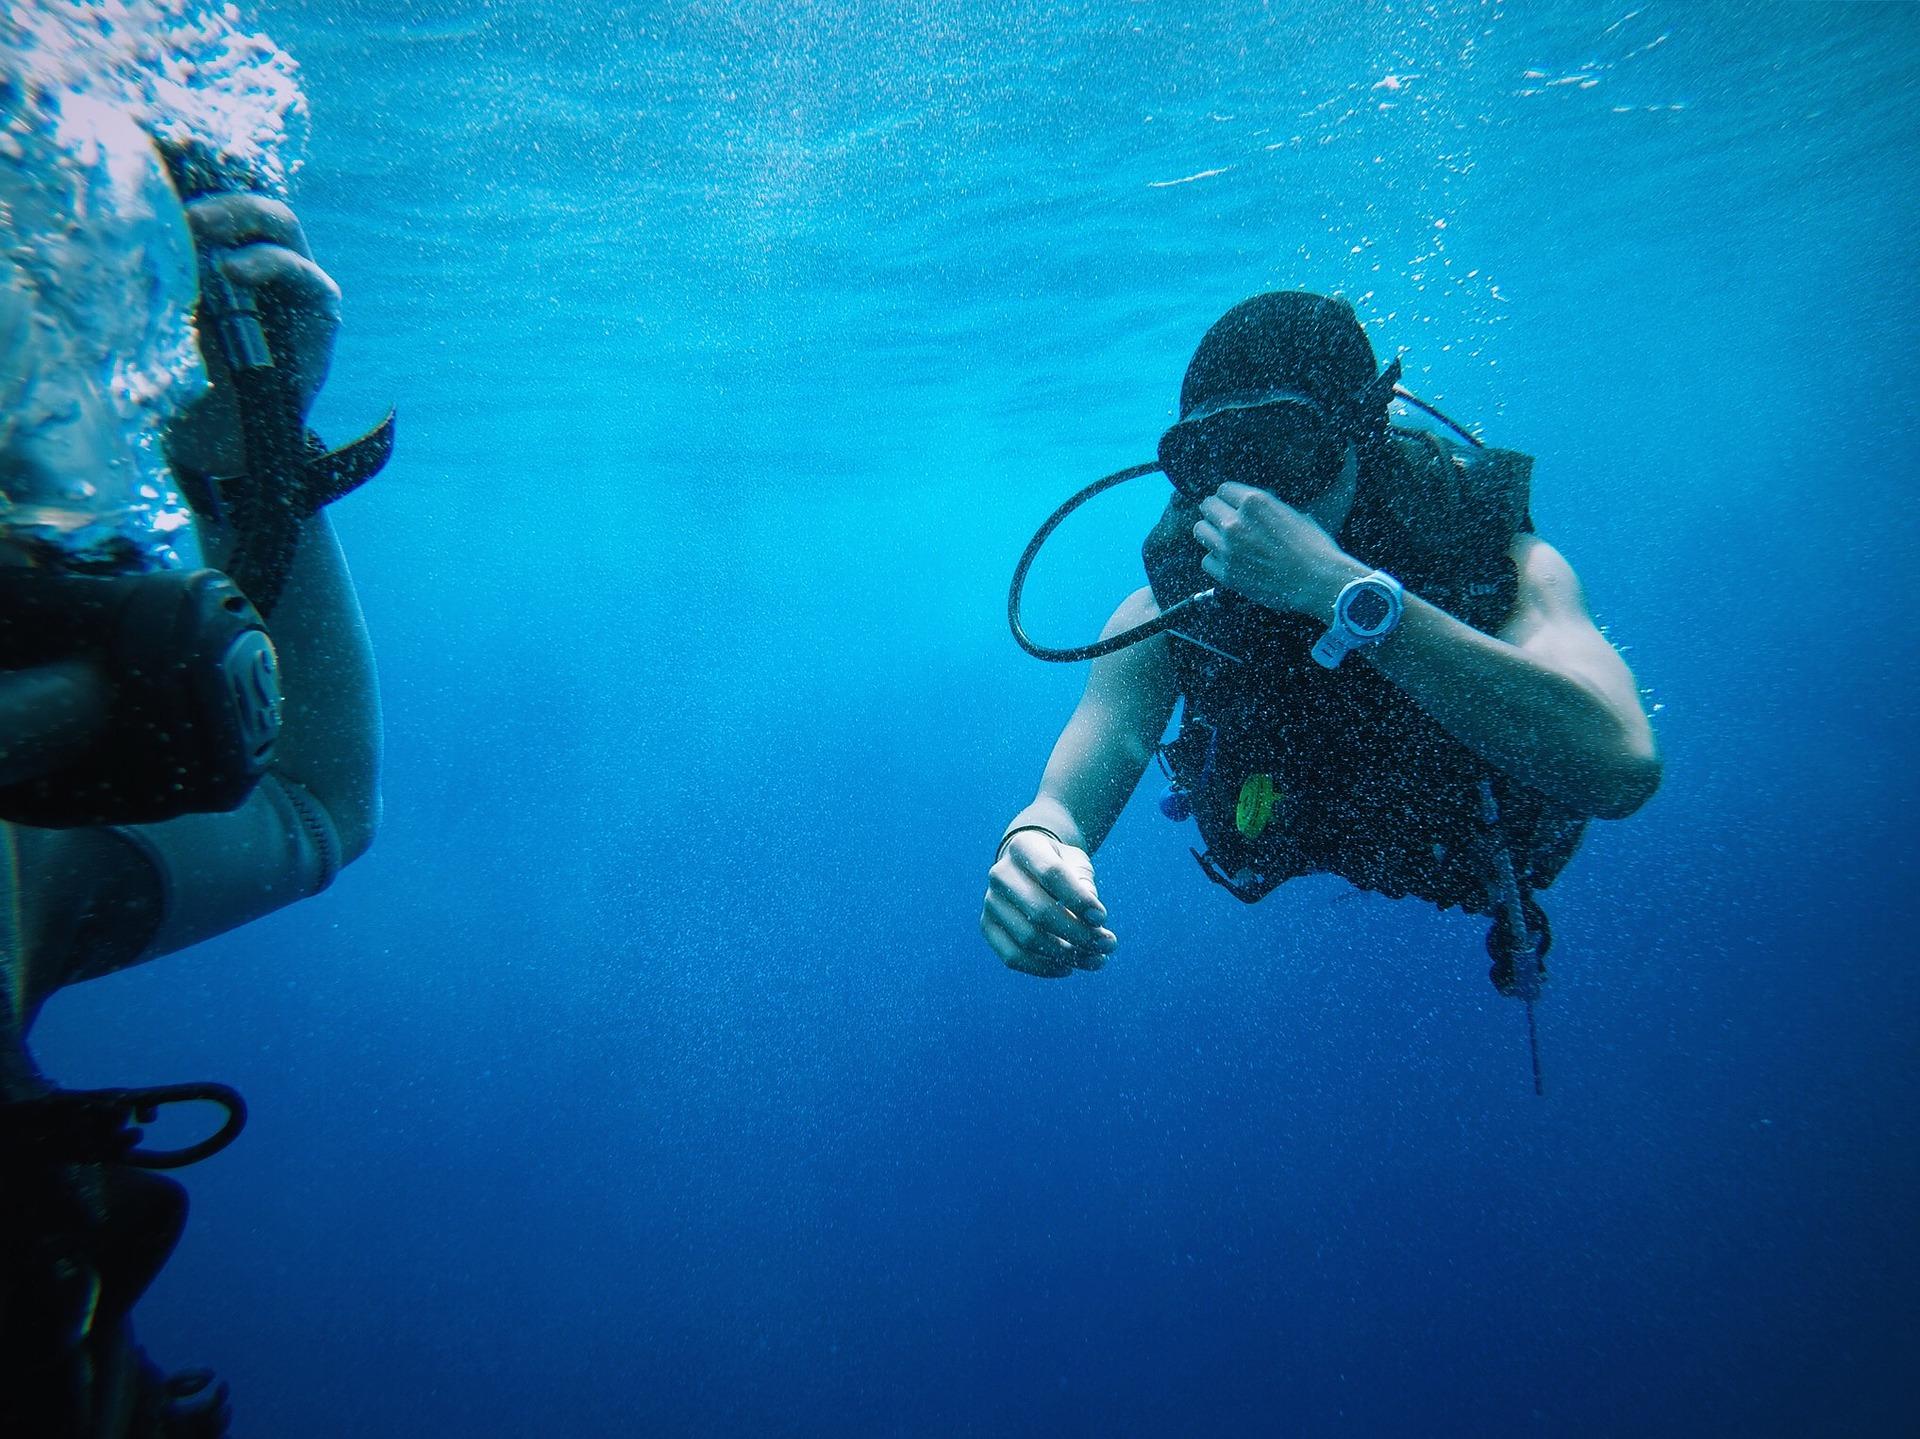 Tauchen im blauen Atlantik vor Madeira